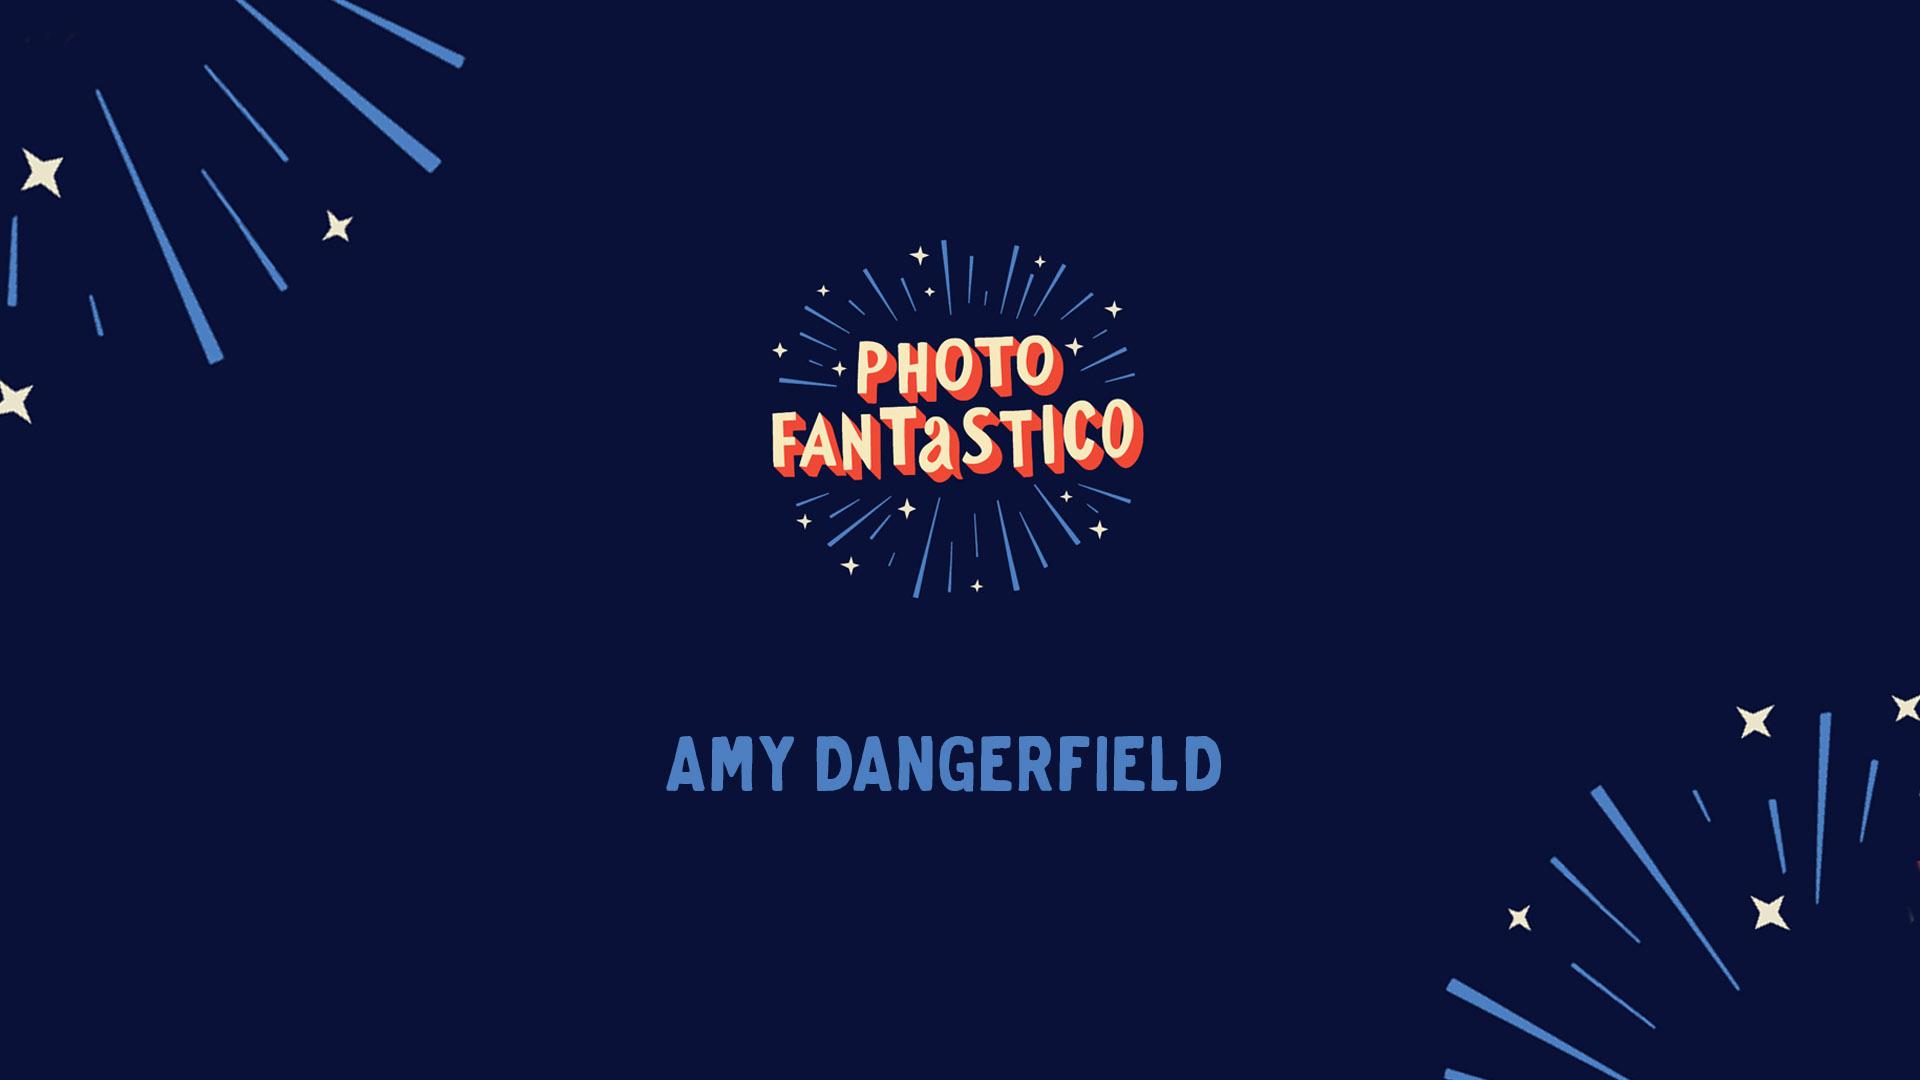 Amy Dangerfield